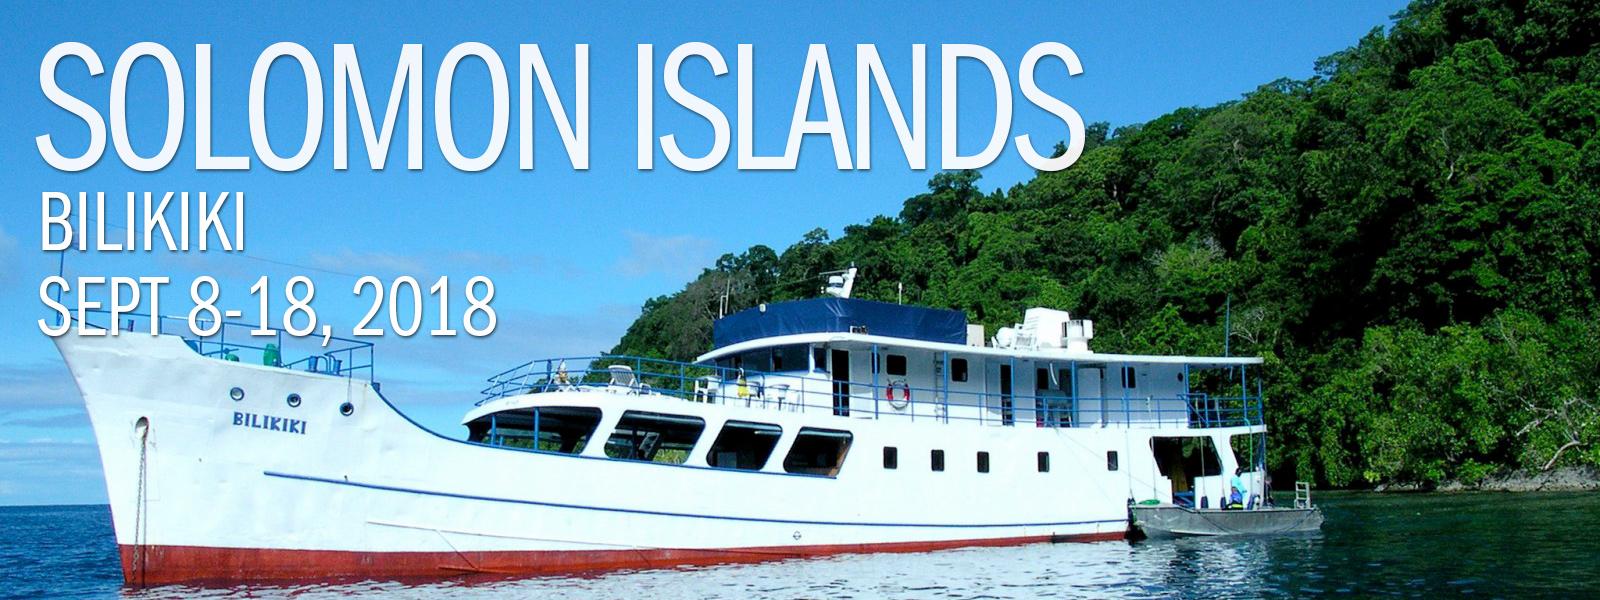 Solomon Islands – Bilikiki Sept 8-18, 2018 - Go Ask Erin